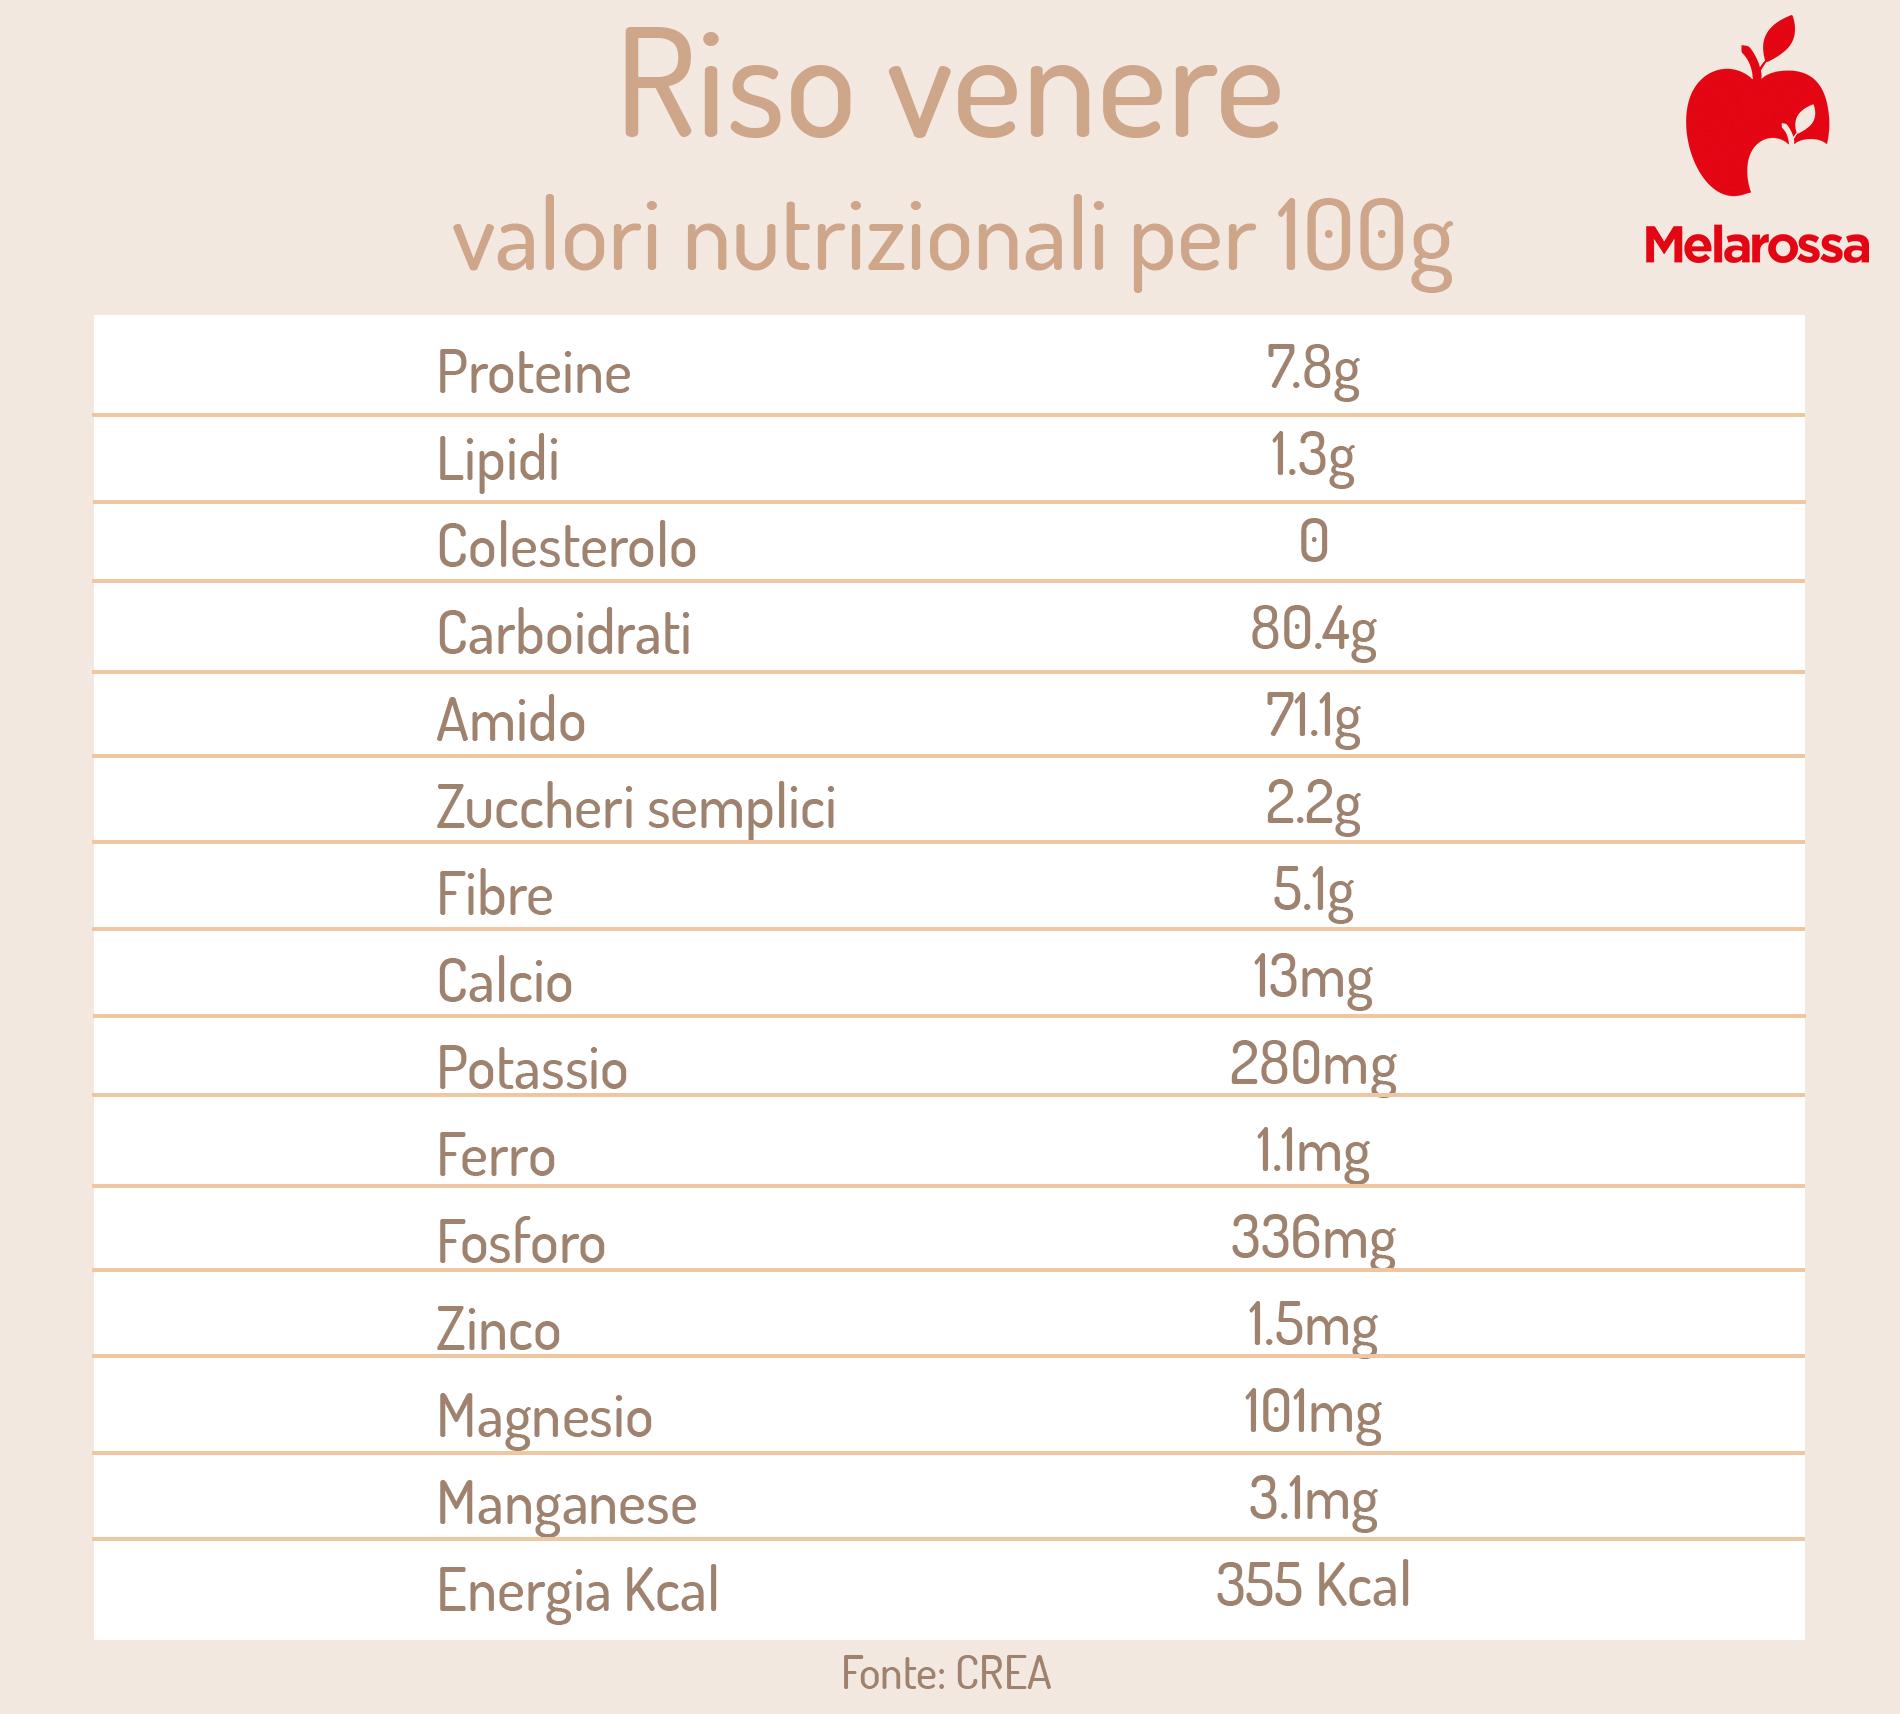 riso venere: valori nutrizionali